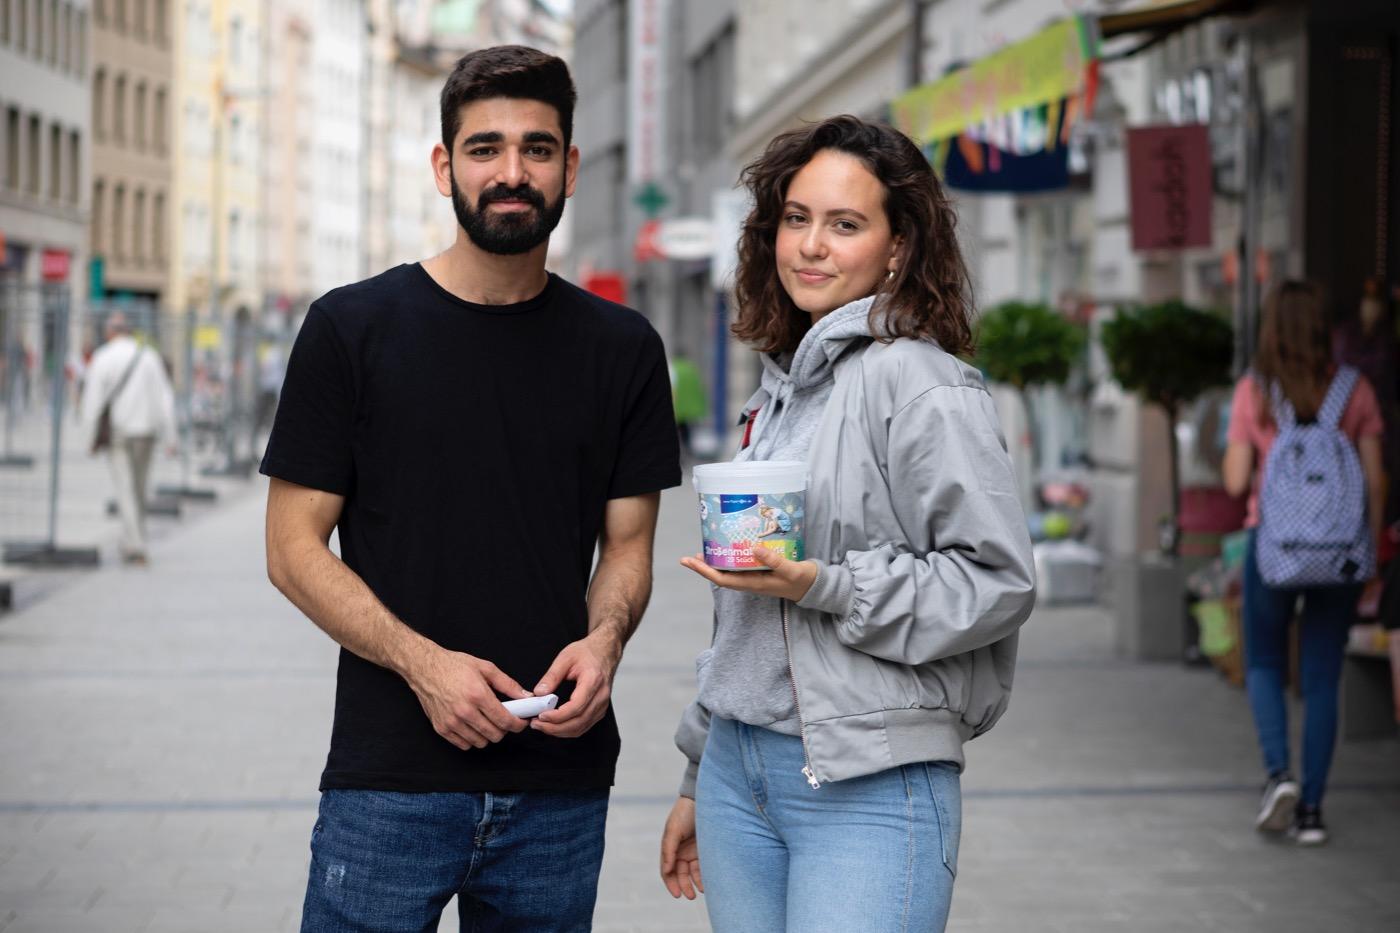 Ege und Sofija sorgen mit ihrem Projekt auch im Netz für Aufsehen.